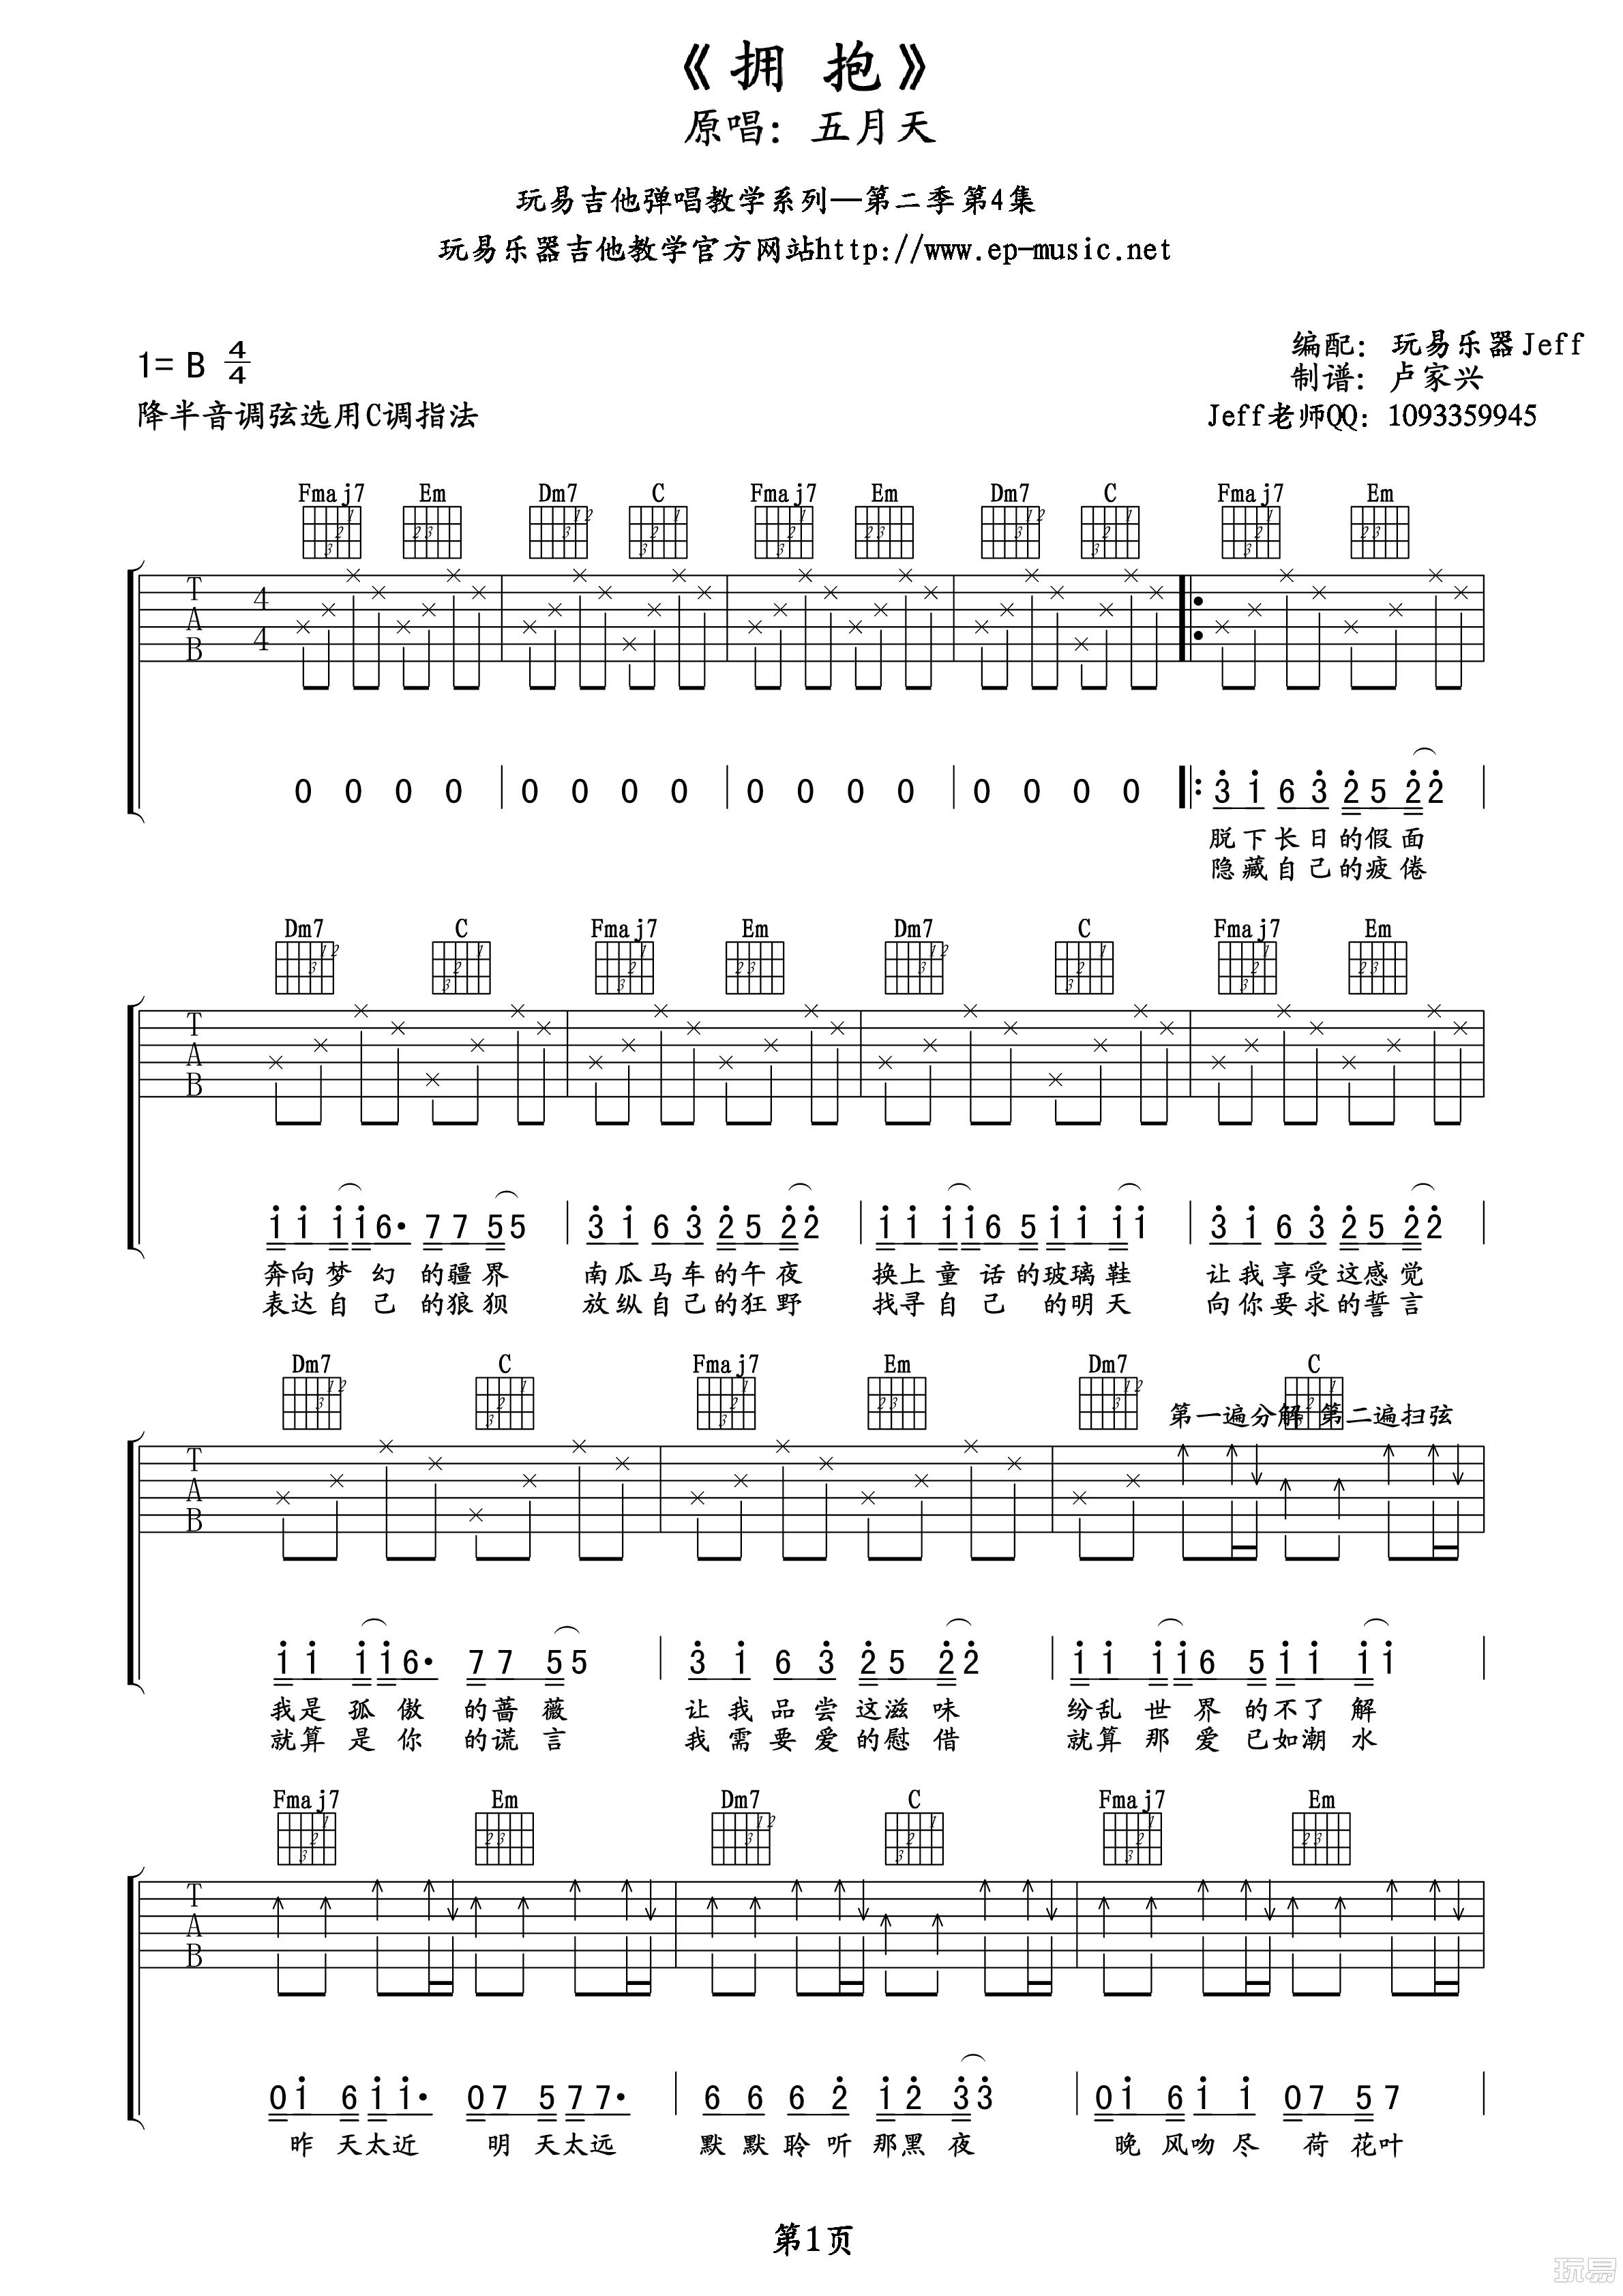 五月天拥抱吉他谱_《五月天《拥抱》吉他谱 》吉他谱